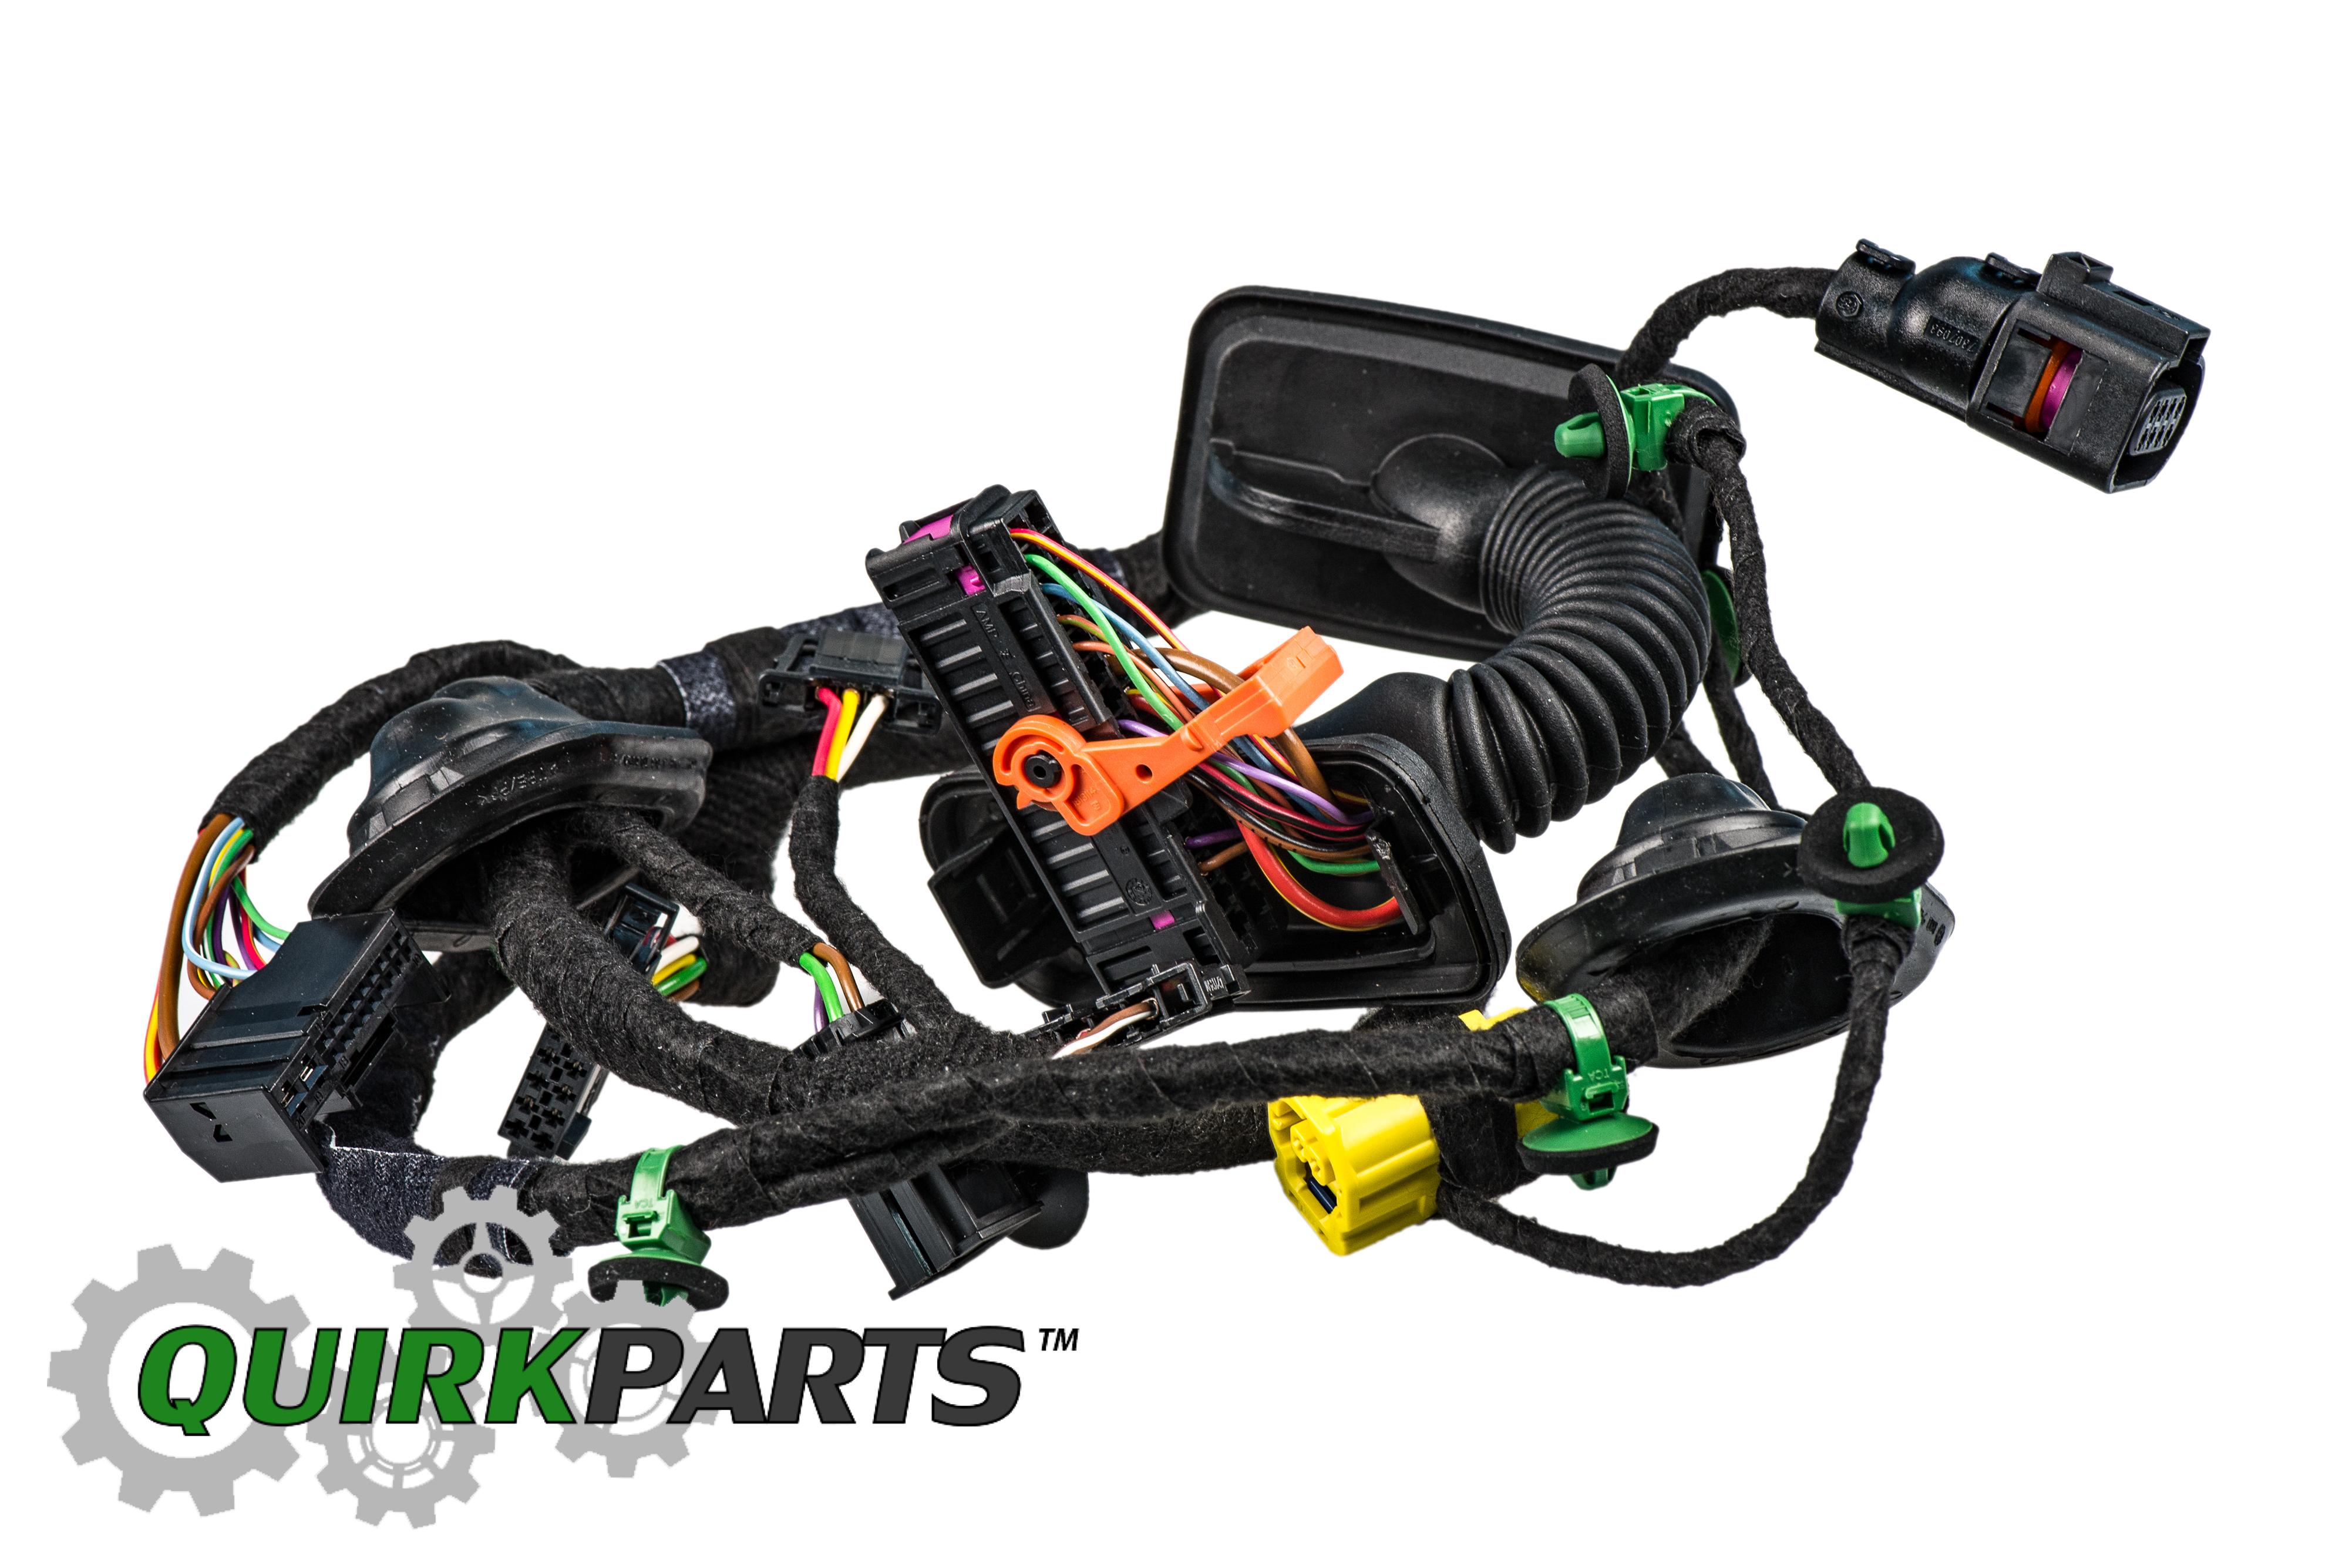 06 vw jetta drivers door wiring harness volvo s40 wiring for 06 jetta driver door harness